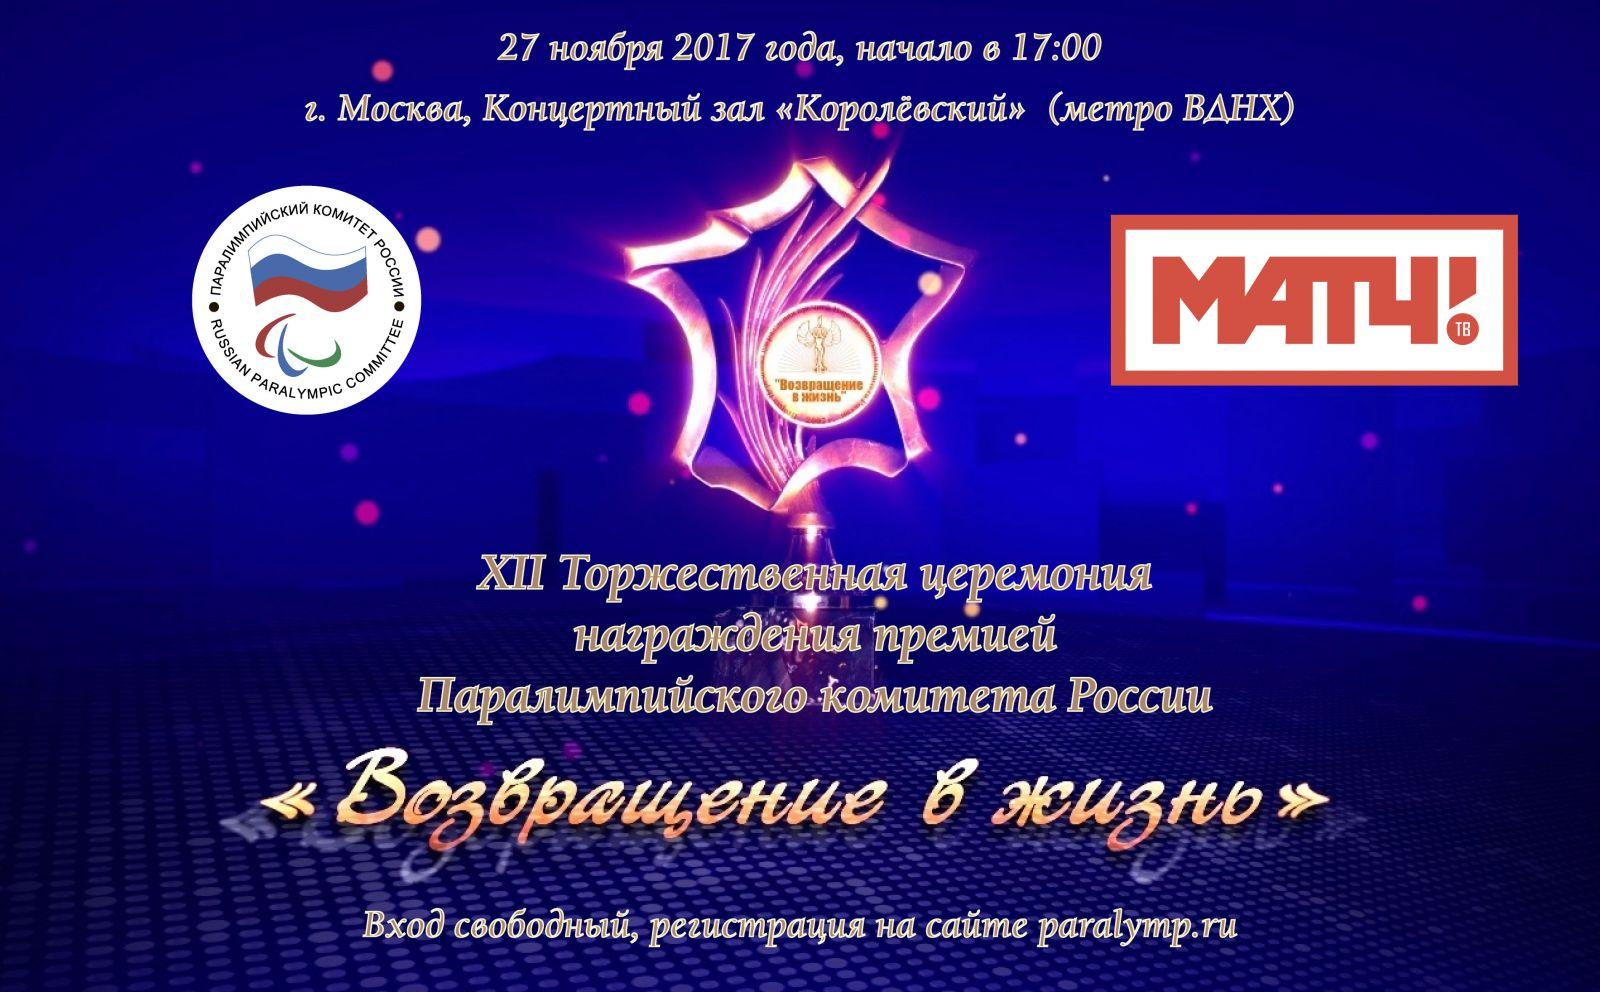 ПКР приглашает зрителей на XII Торжественную церемонию награждения премией ПКР «Возвращение в жизнь»!